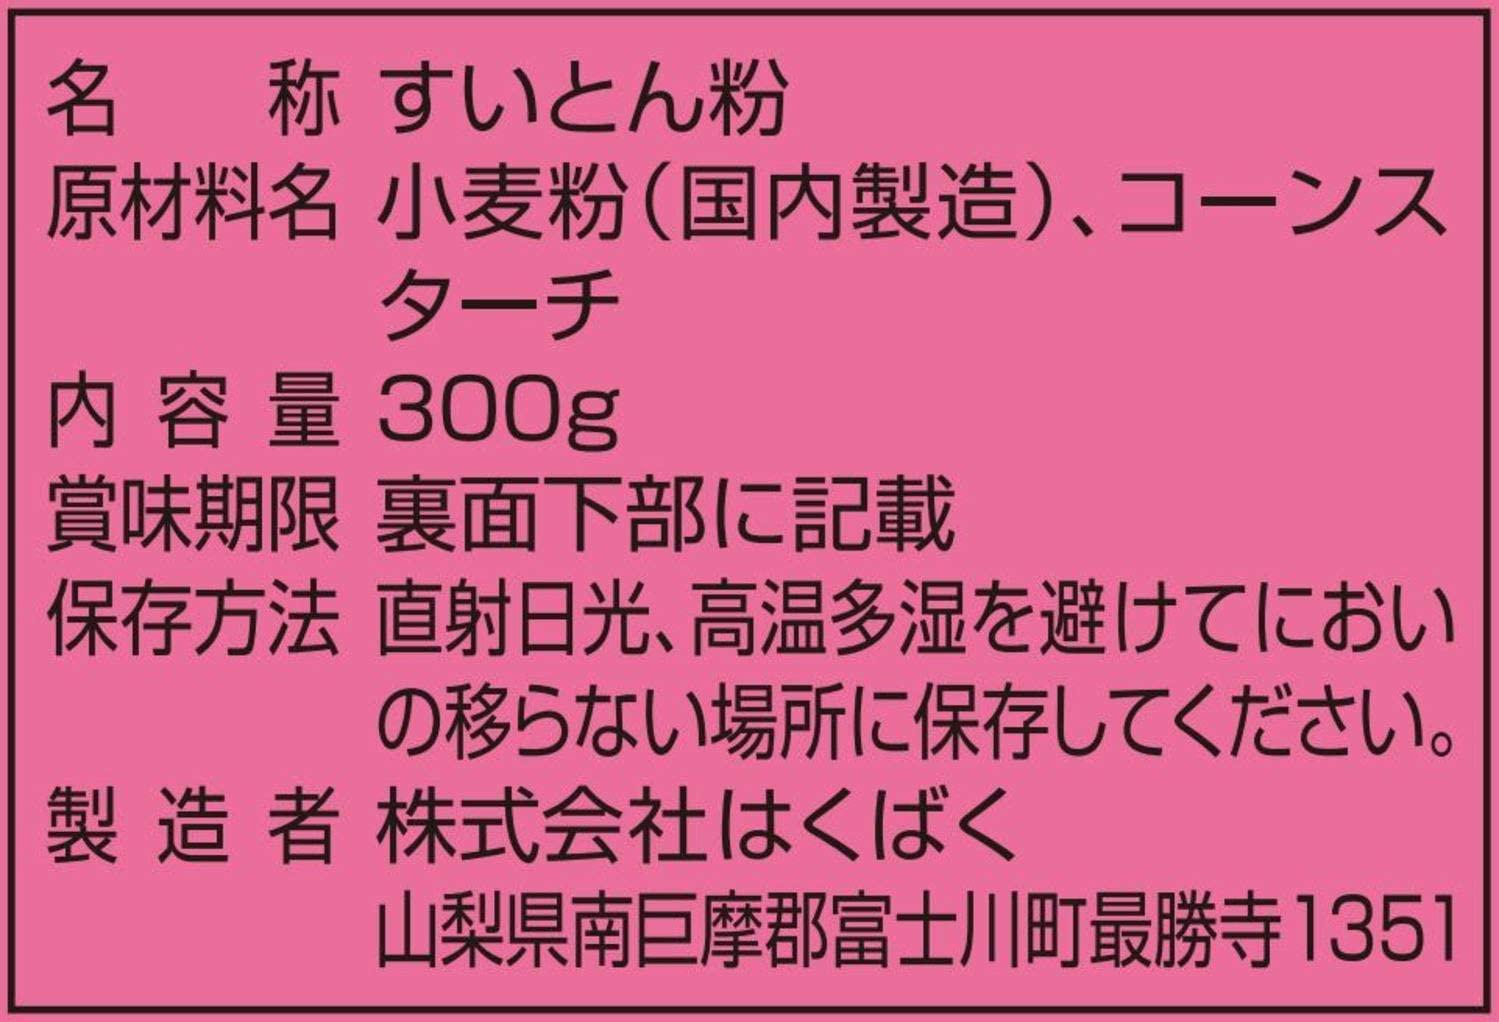 すいとん粉 300g×12袋